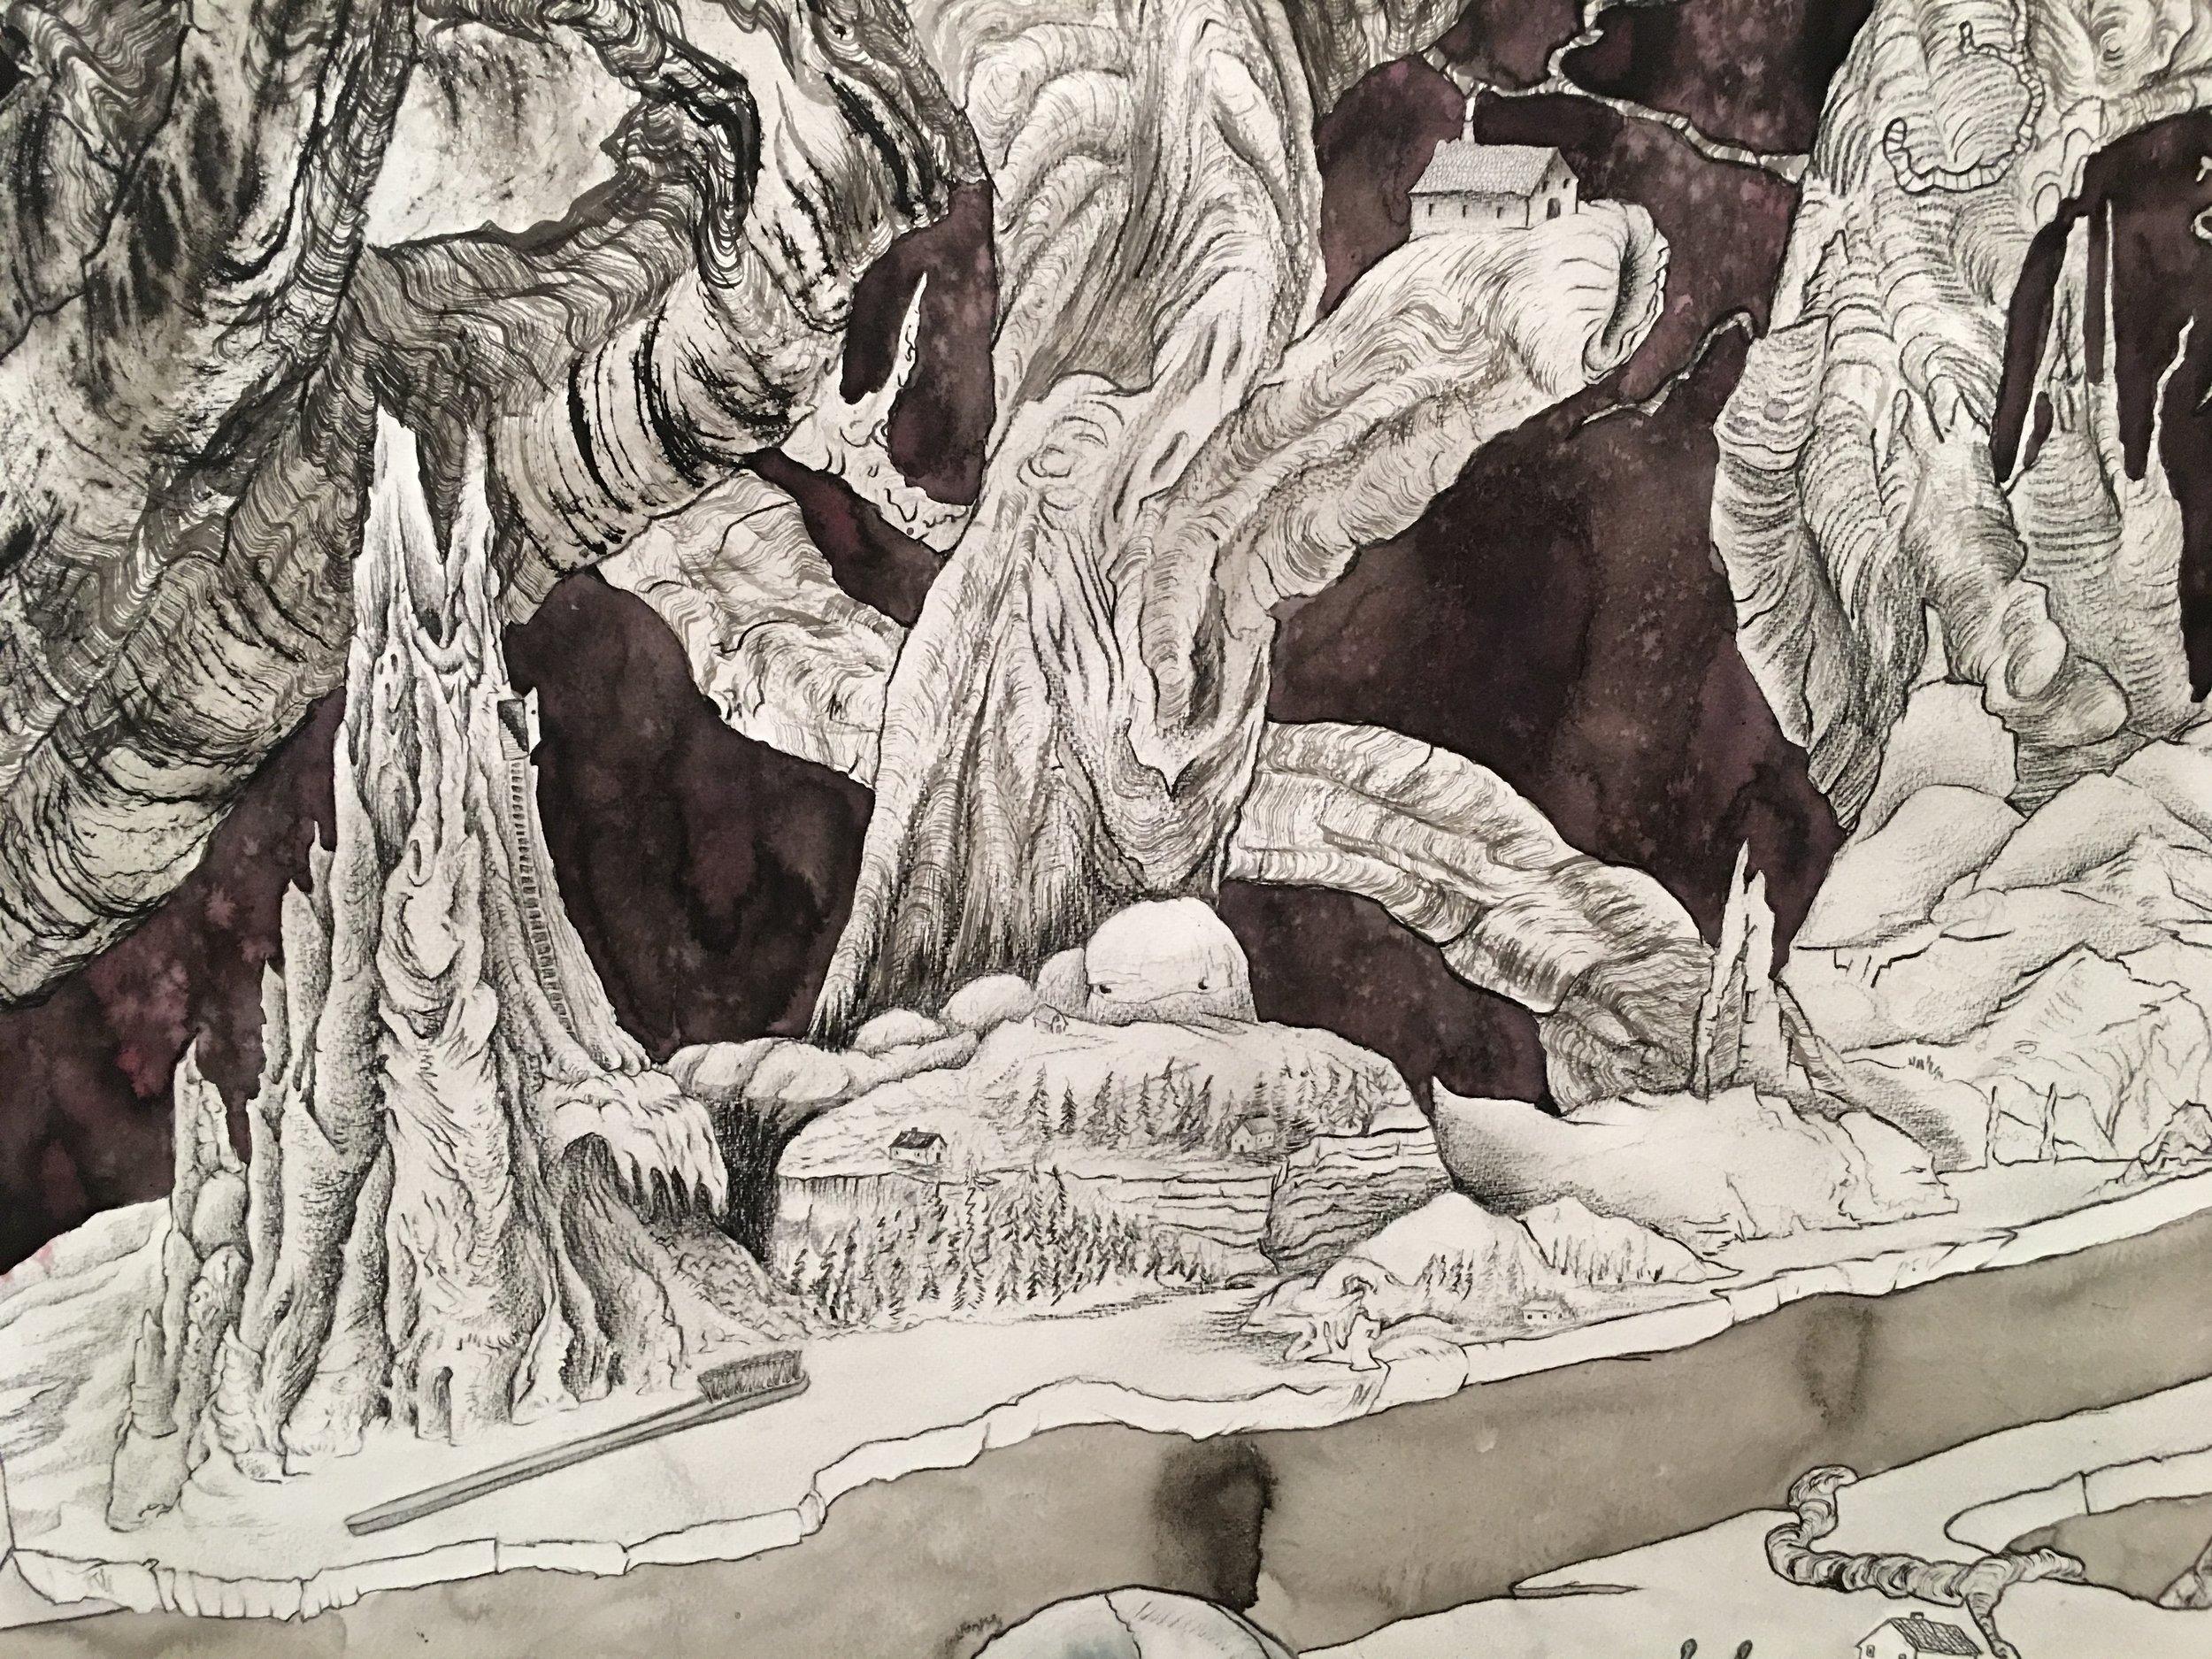 Detail by Paul Brunet.